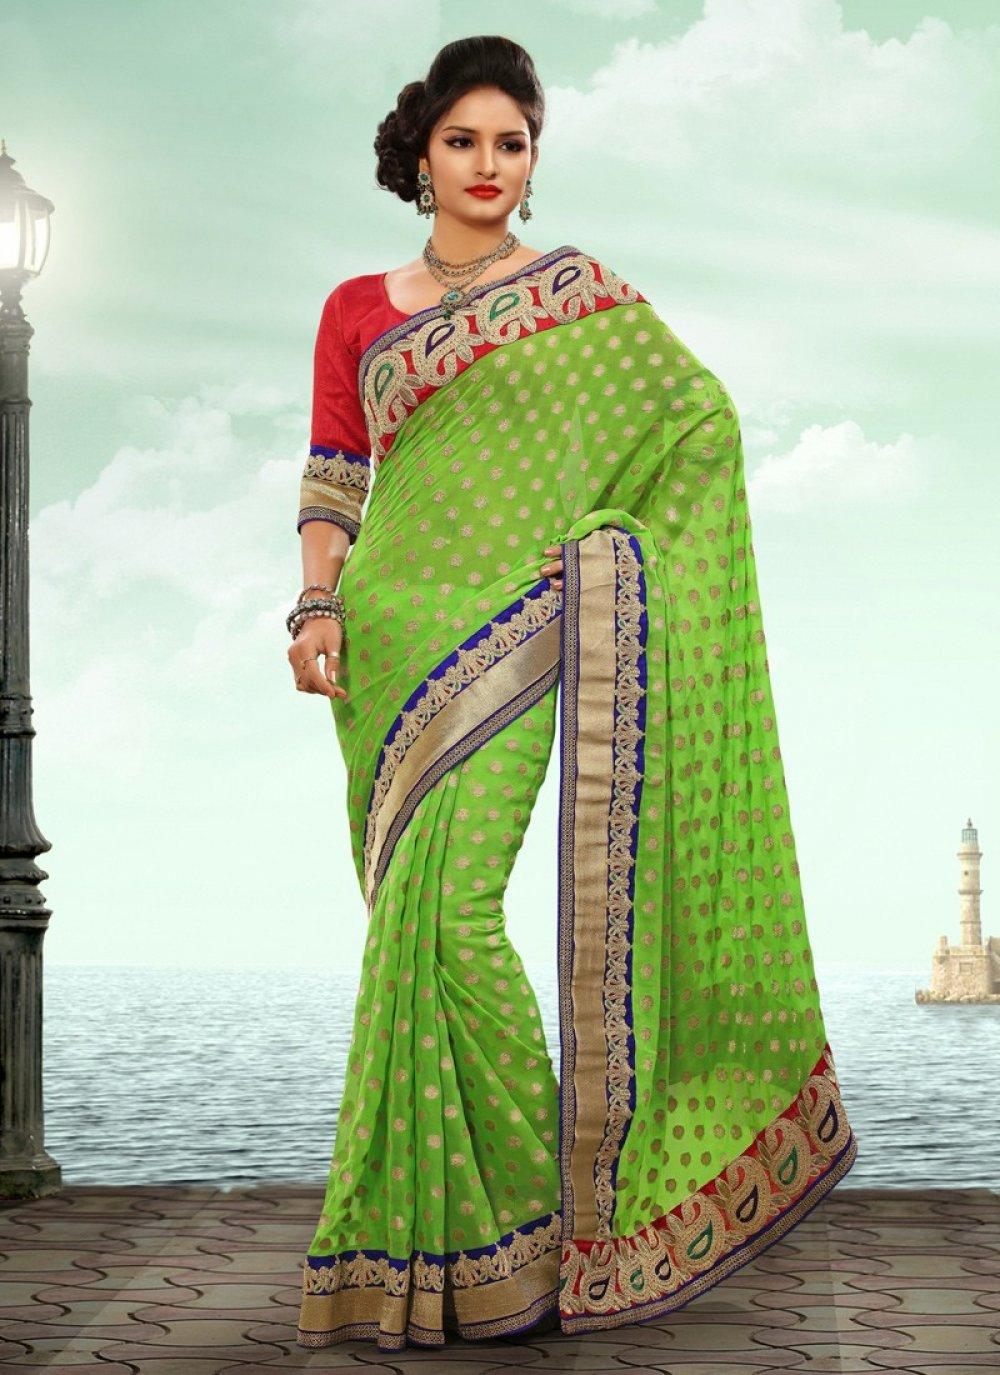 Inovating Green Resham Work Wedding Saree